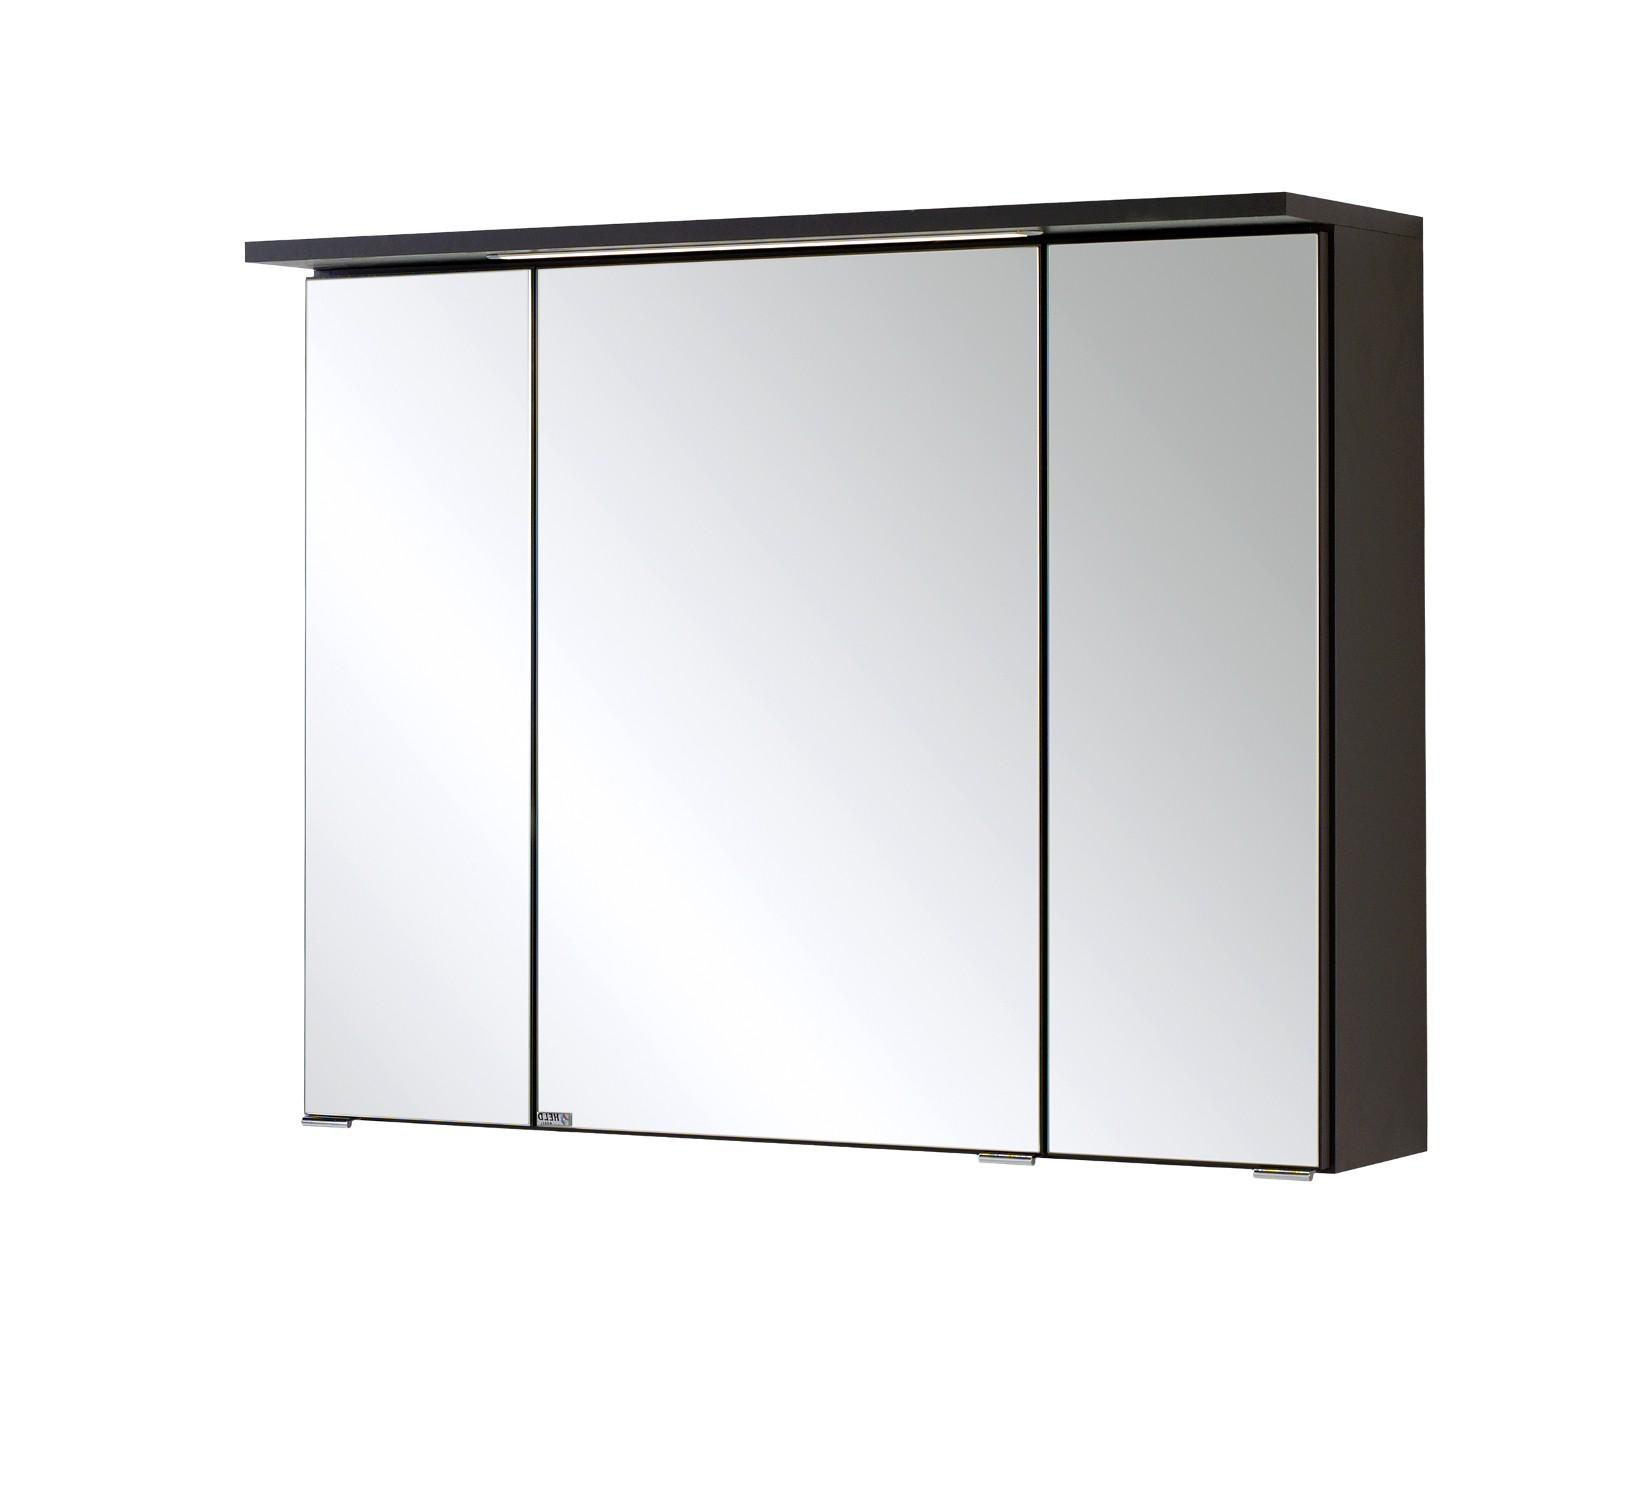 NEU! Badezimmerspiegel BOLOGNA Spiegelschrank 3D Badspiegel LED